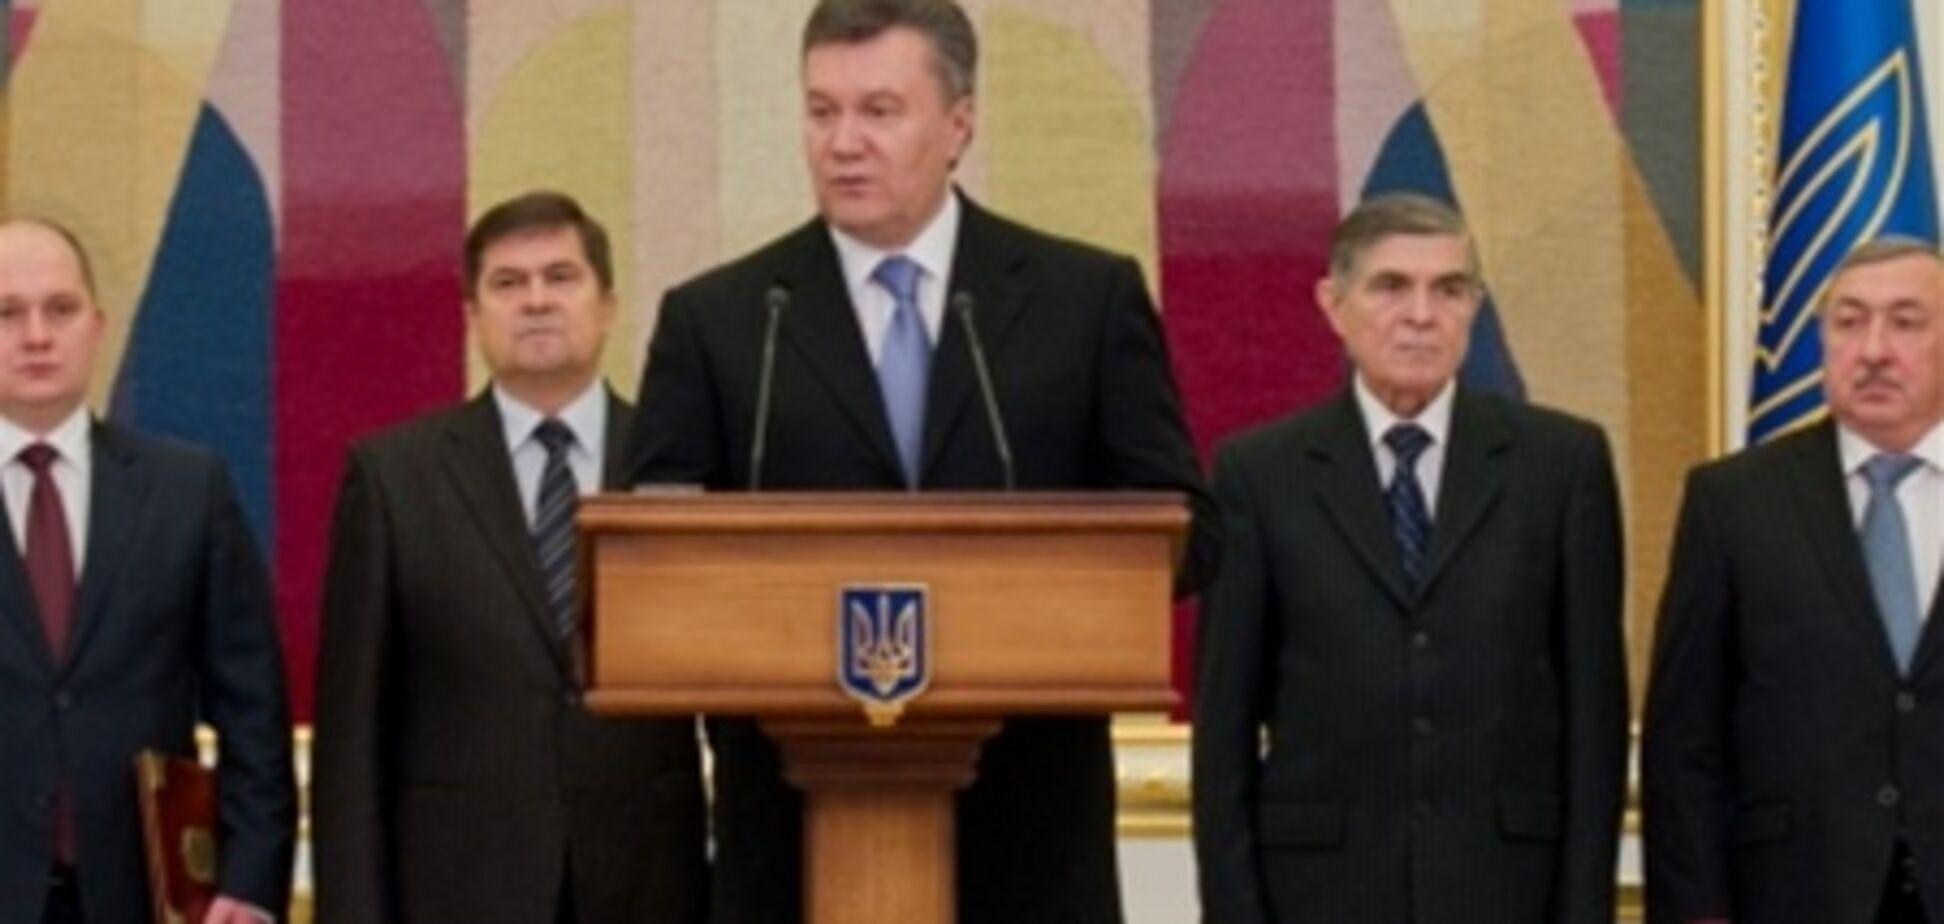 Янукович: Україна в 2012 не змогла поліпшити свій імідж